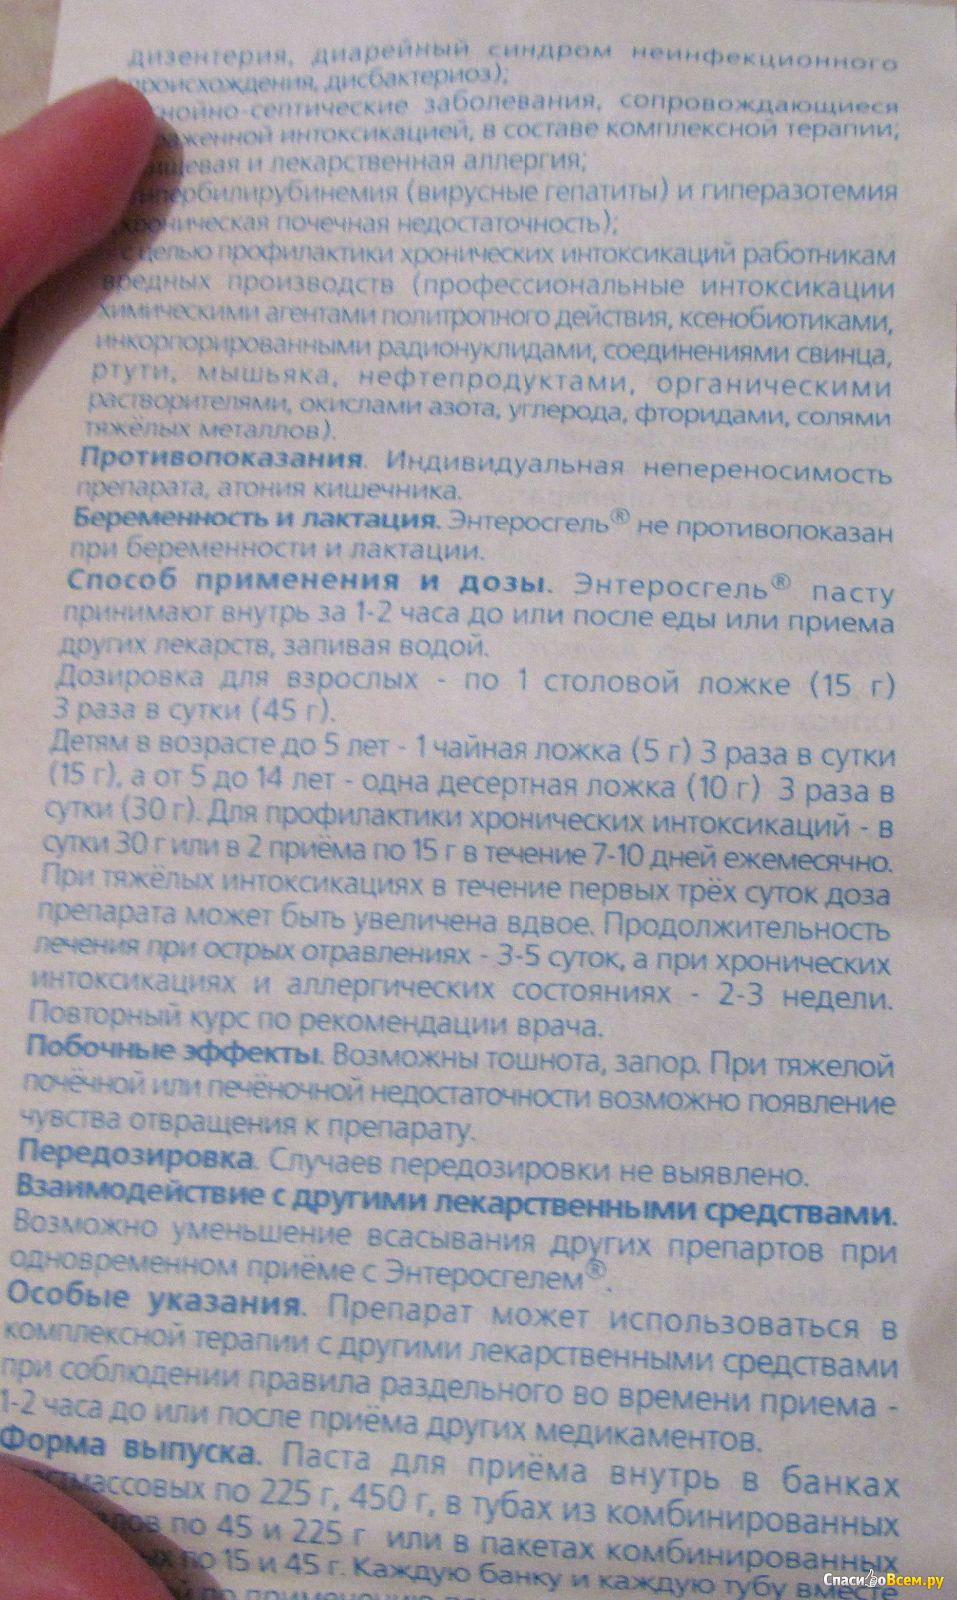 инструкция по применению боботик: